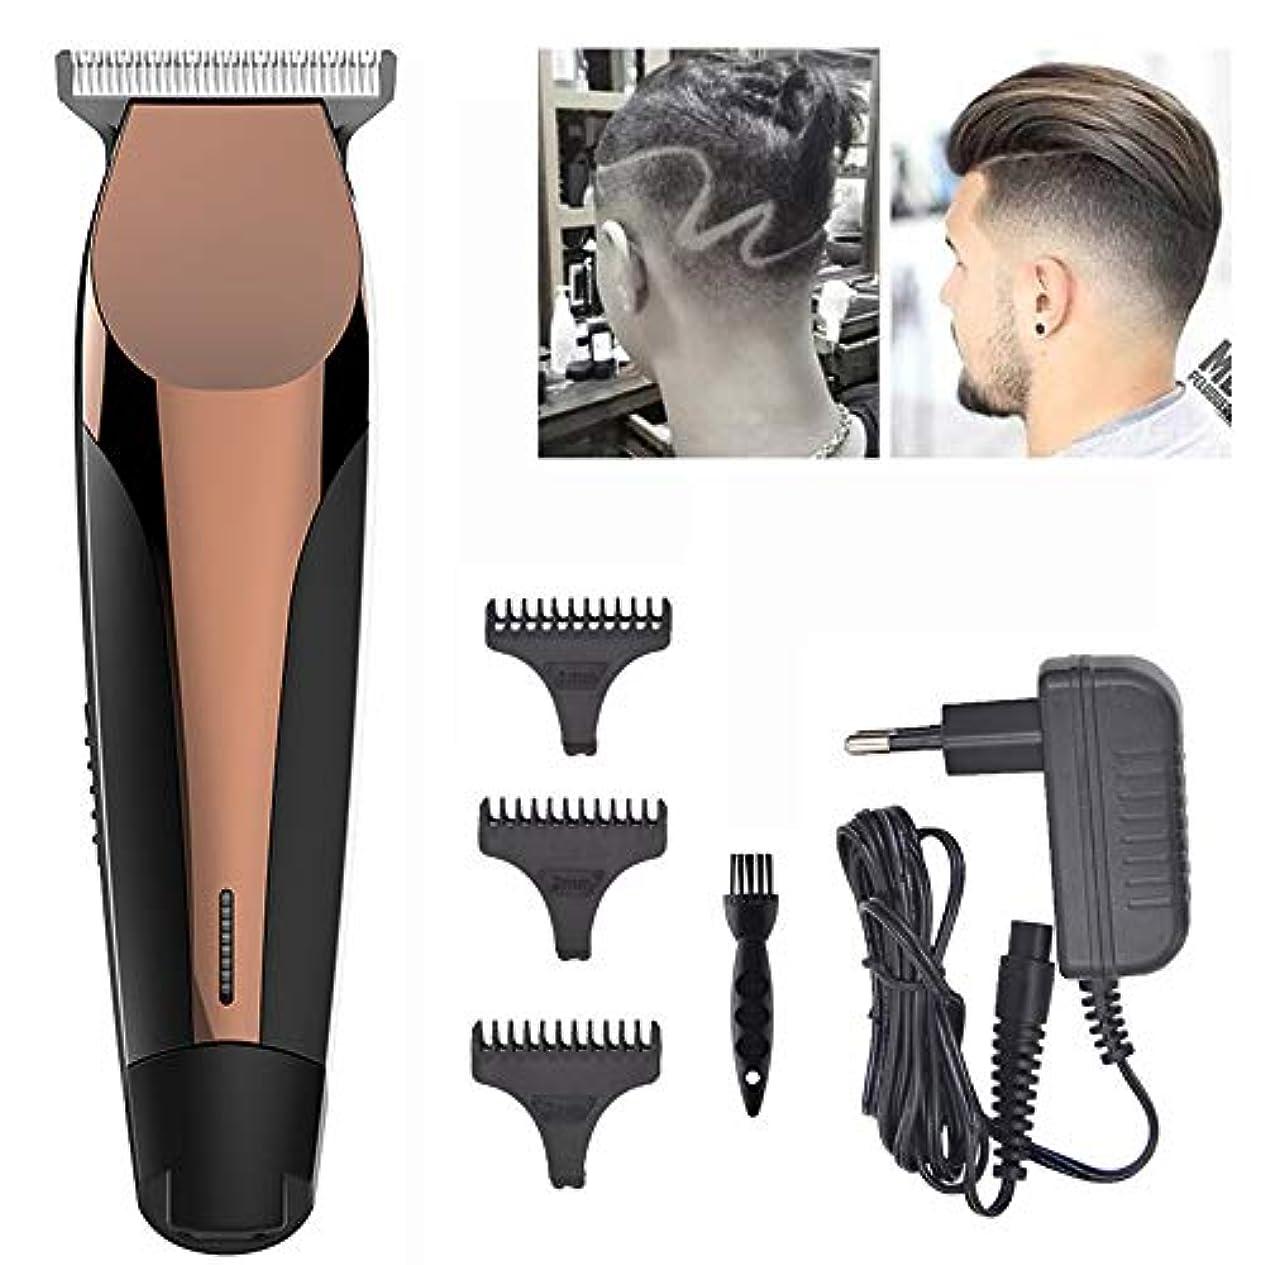 第三ずるいうめき声ヘアクリッパープロフェッショナルワイヤレスヘアトリマープロフェッショナルヘアクリッパービアードシェーバー男性と家族向けの電動ヘアクリップキット